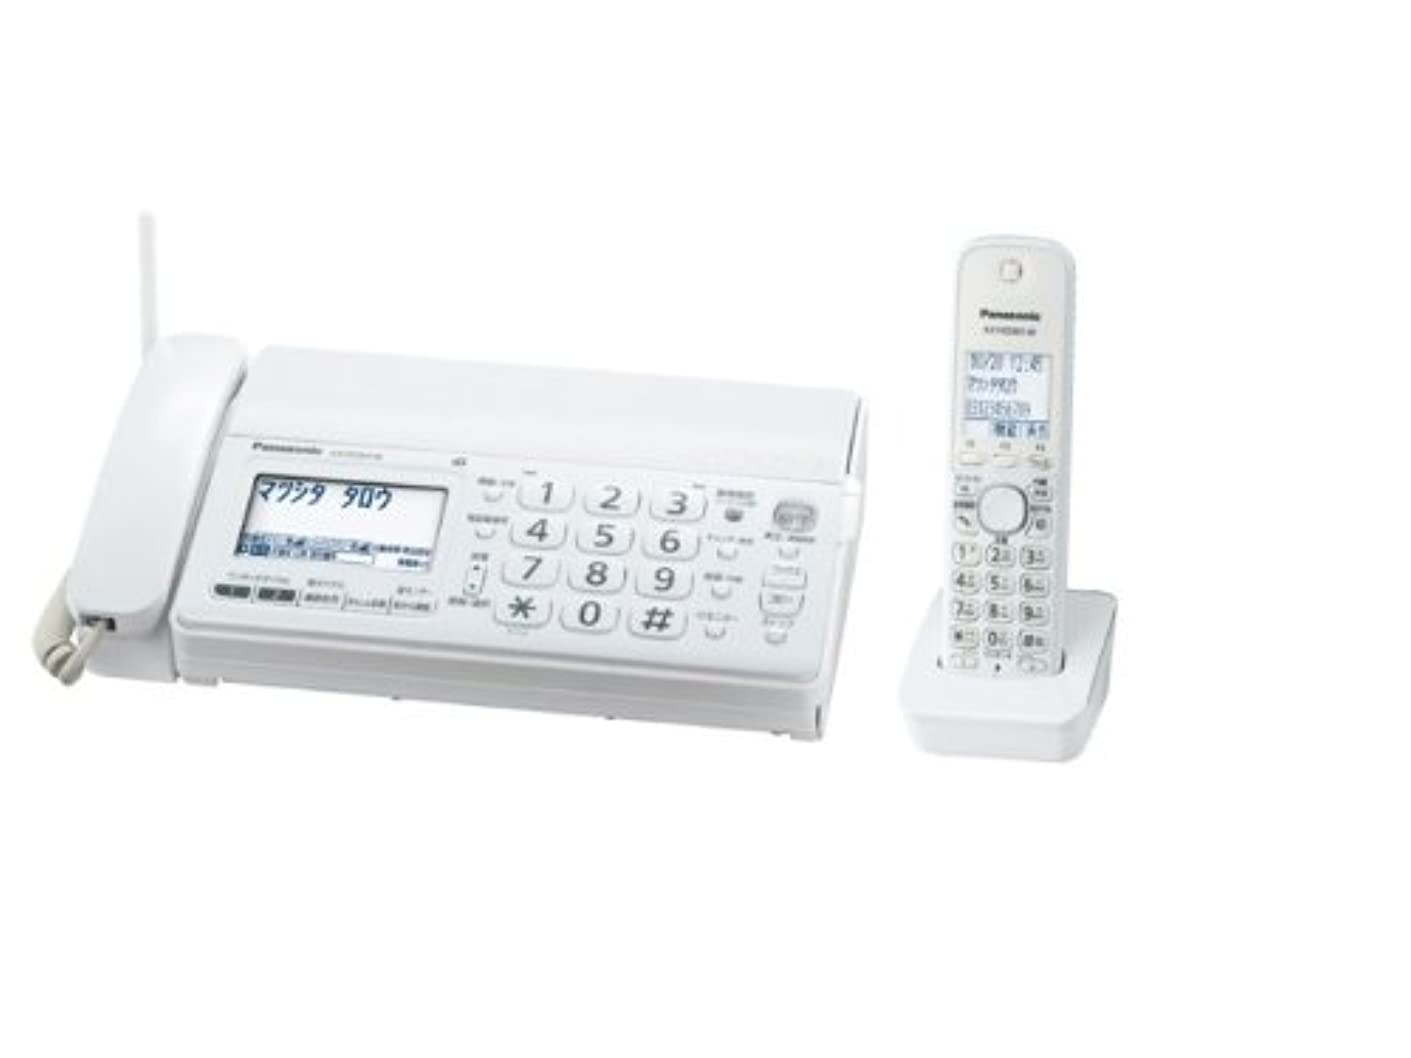 勧める指紋献身パナソニック おたっくす デジタルコードレスFAX 子機1台付き 1.9GHz DECT準拠方式 ホワイト KX-PD301DL-W